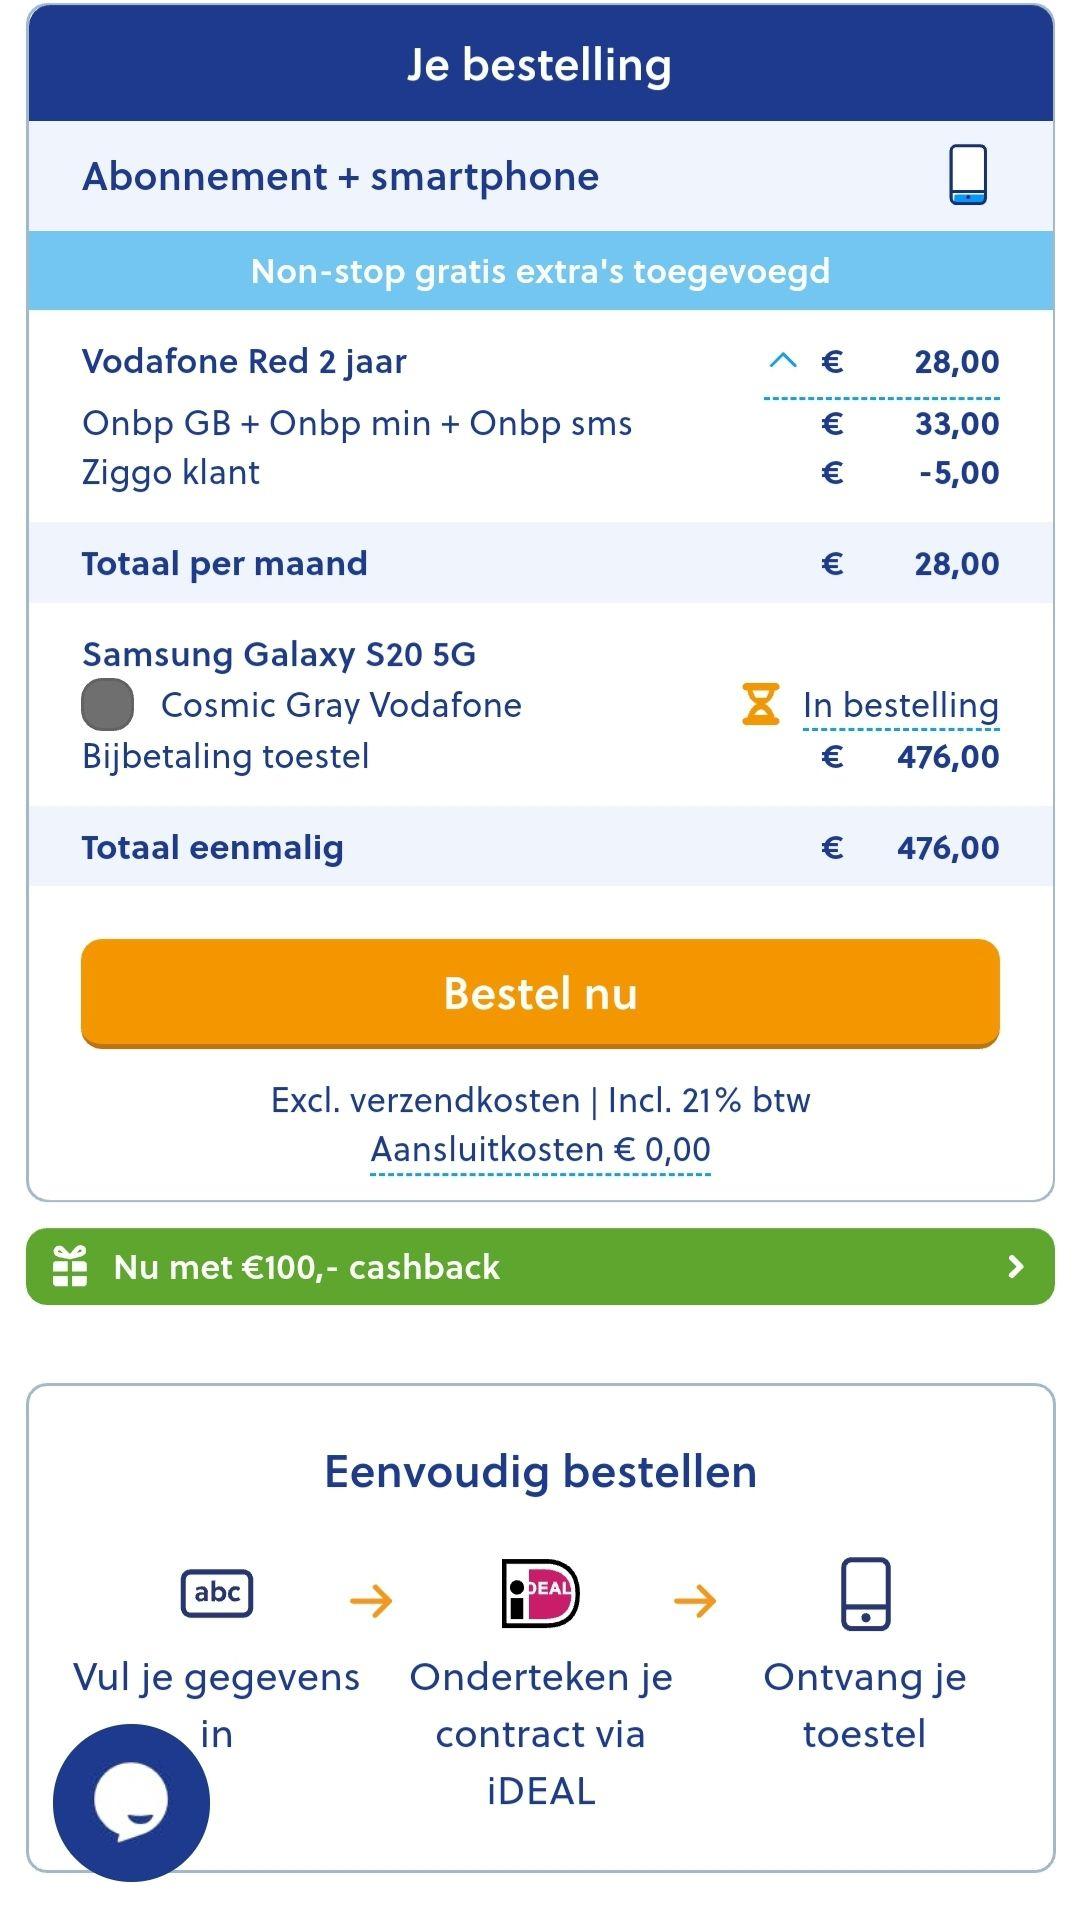 Samsung Galaxy S20 5G i.c.m. vodafone red onbeperkt abonnement